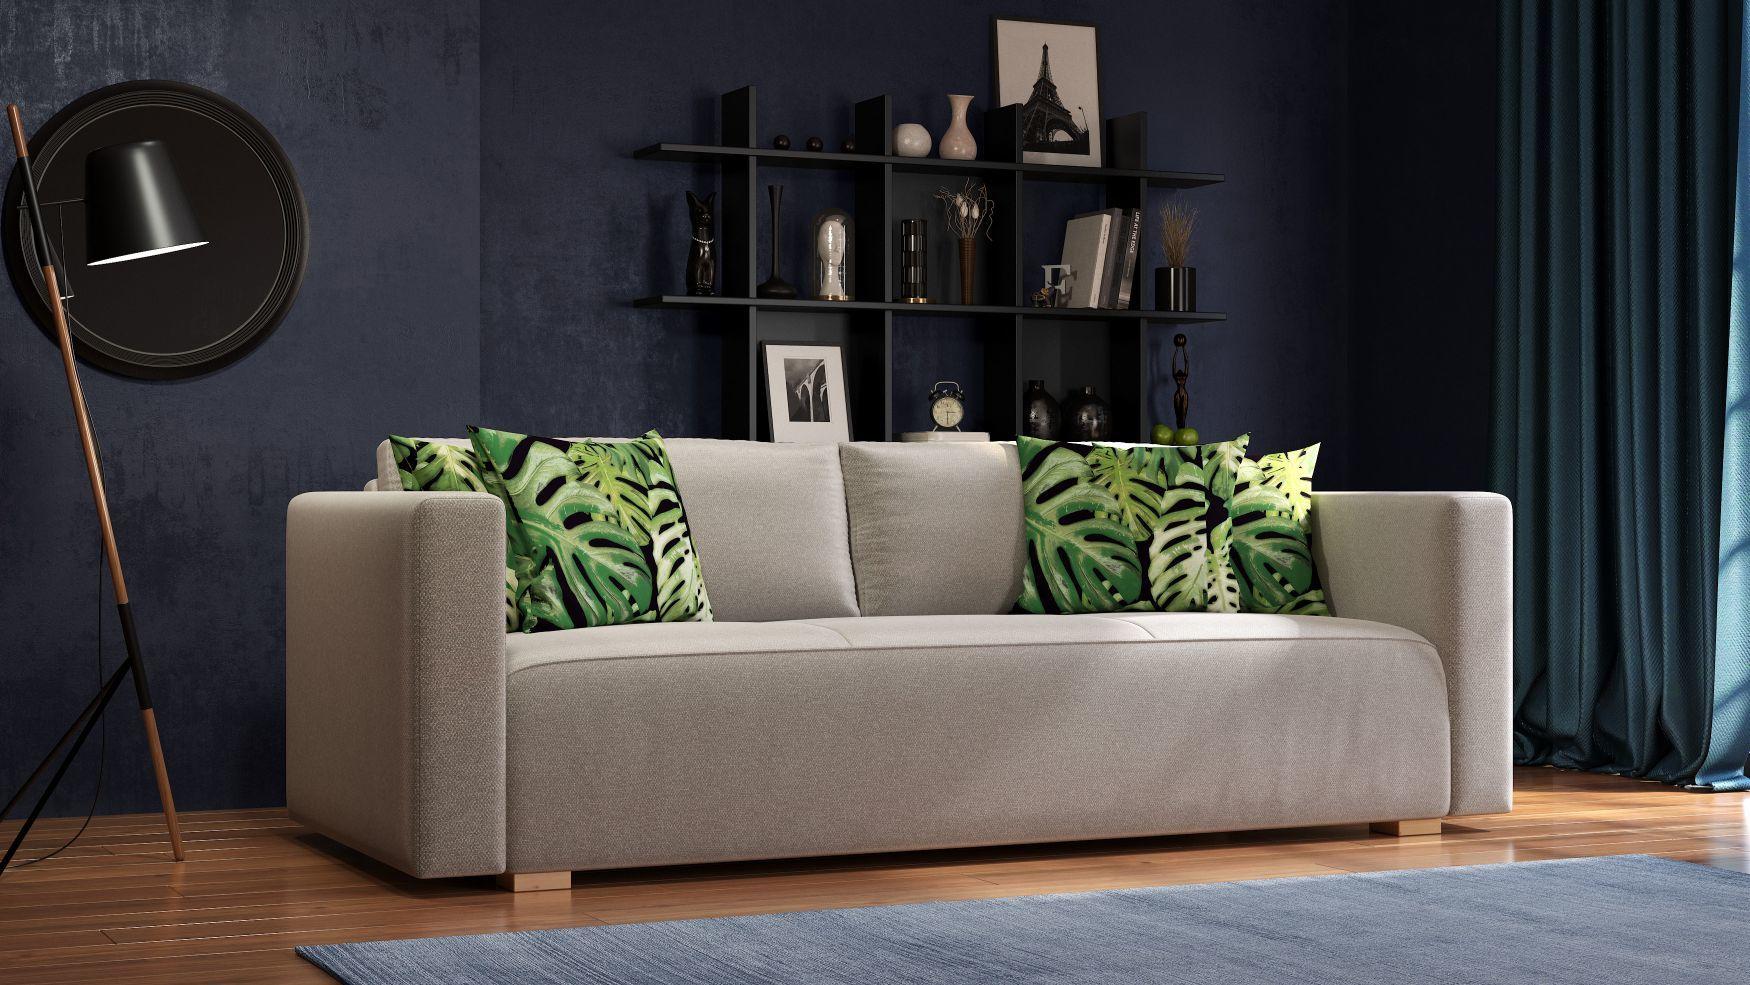 Zielona Sofa Balaton piękne poduszki wzór jungle